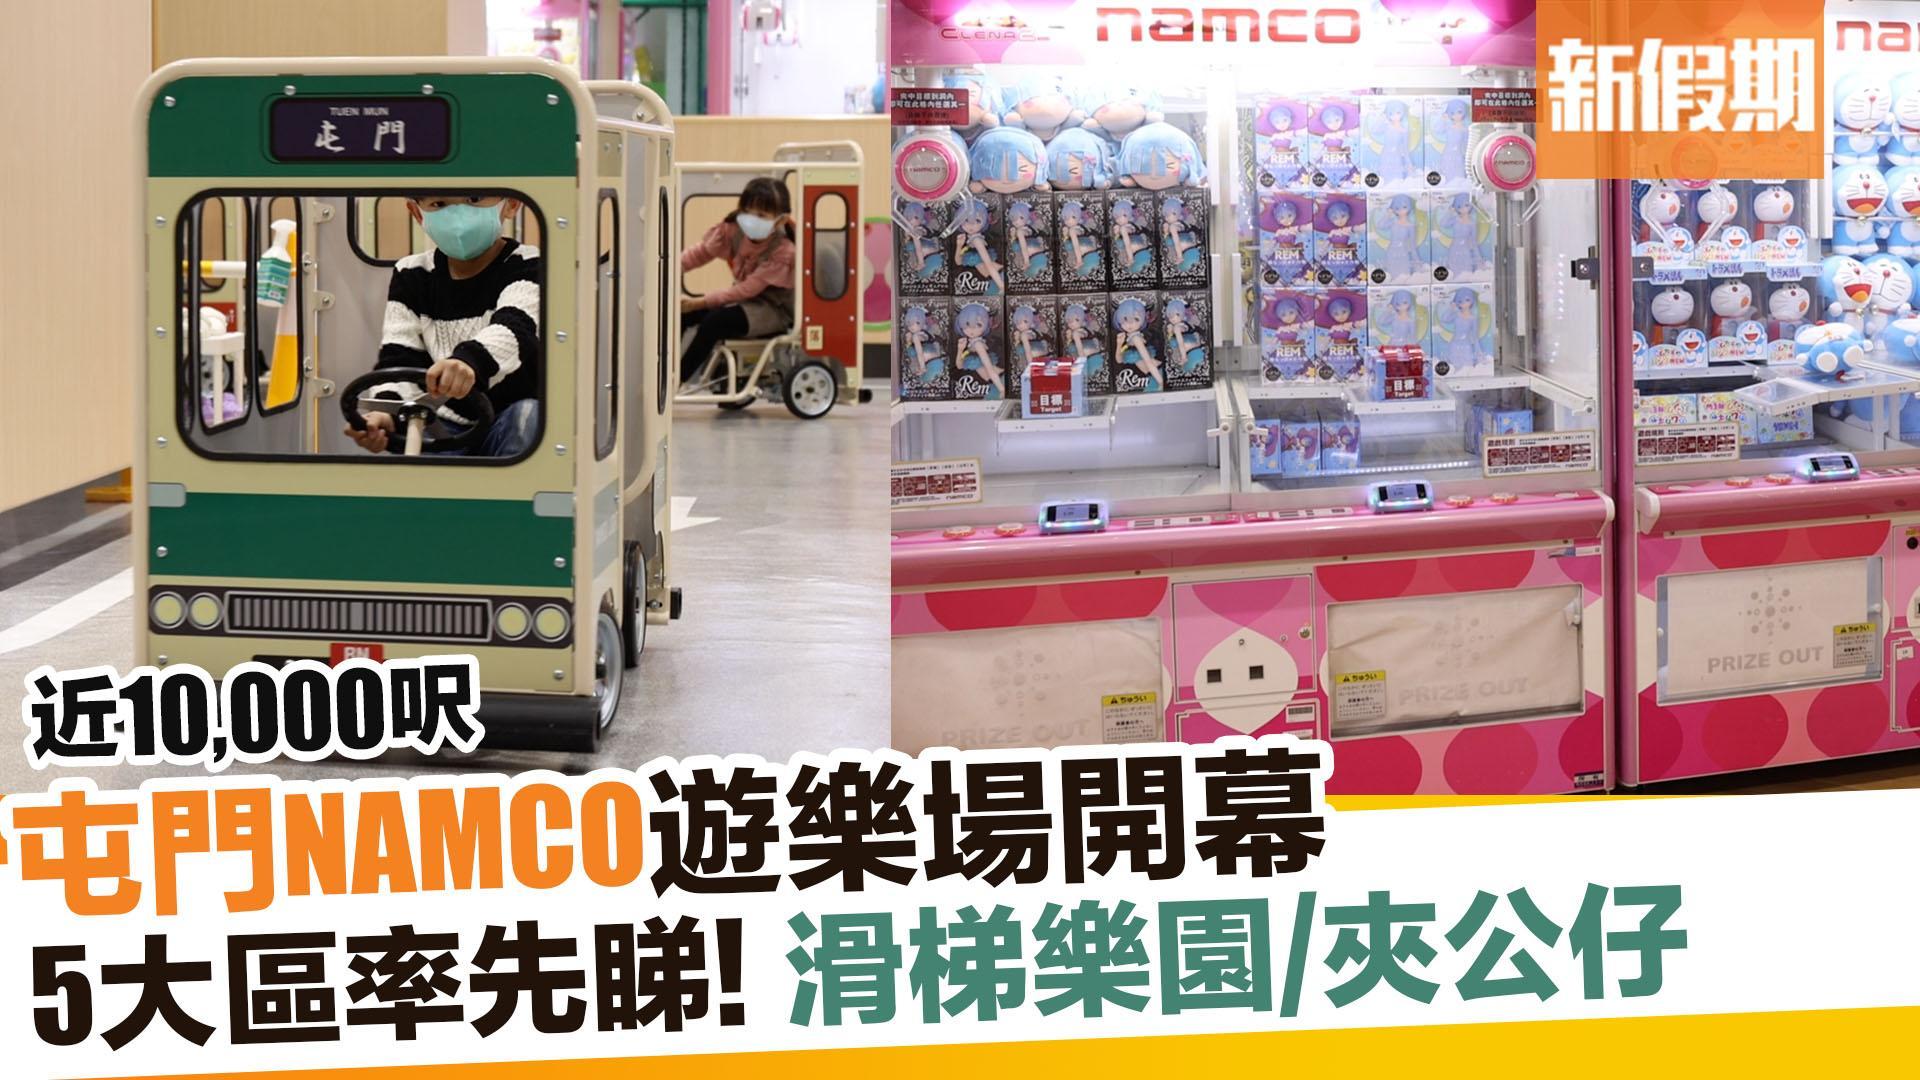 【香港好去處】NAMCO遊樂園屯門開幕 率先睇現場!|新假期